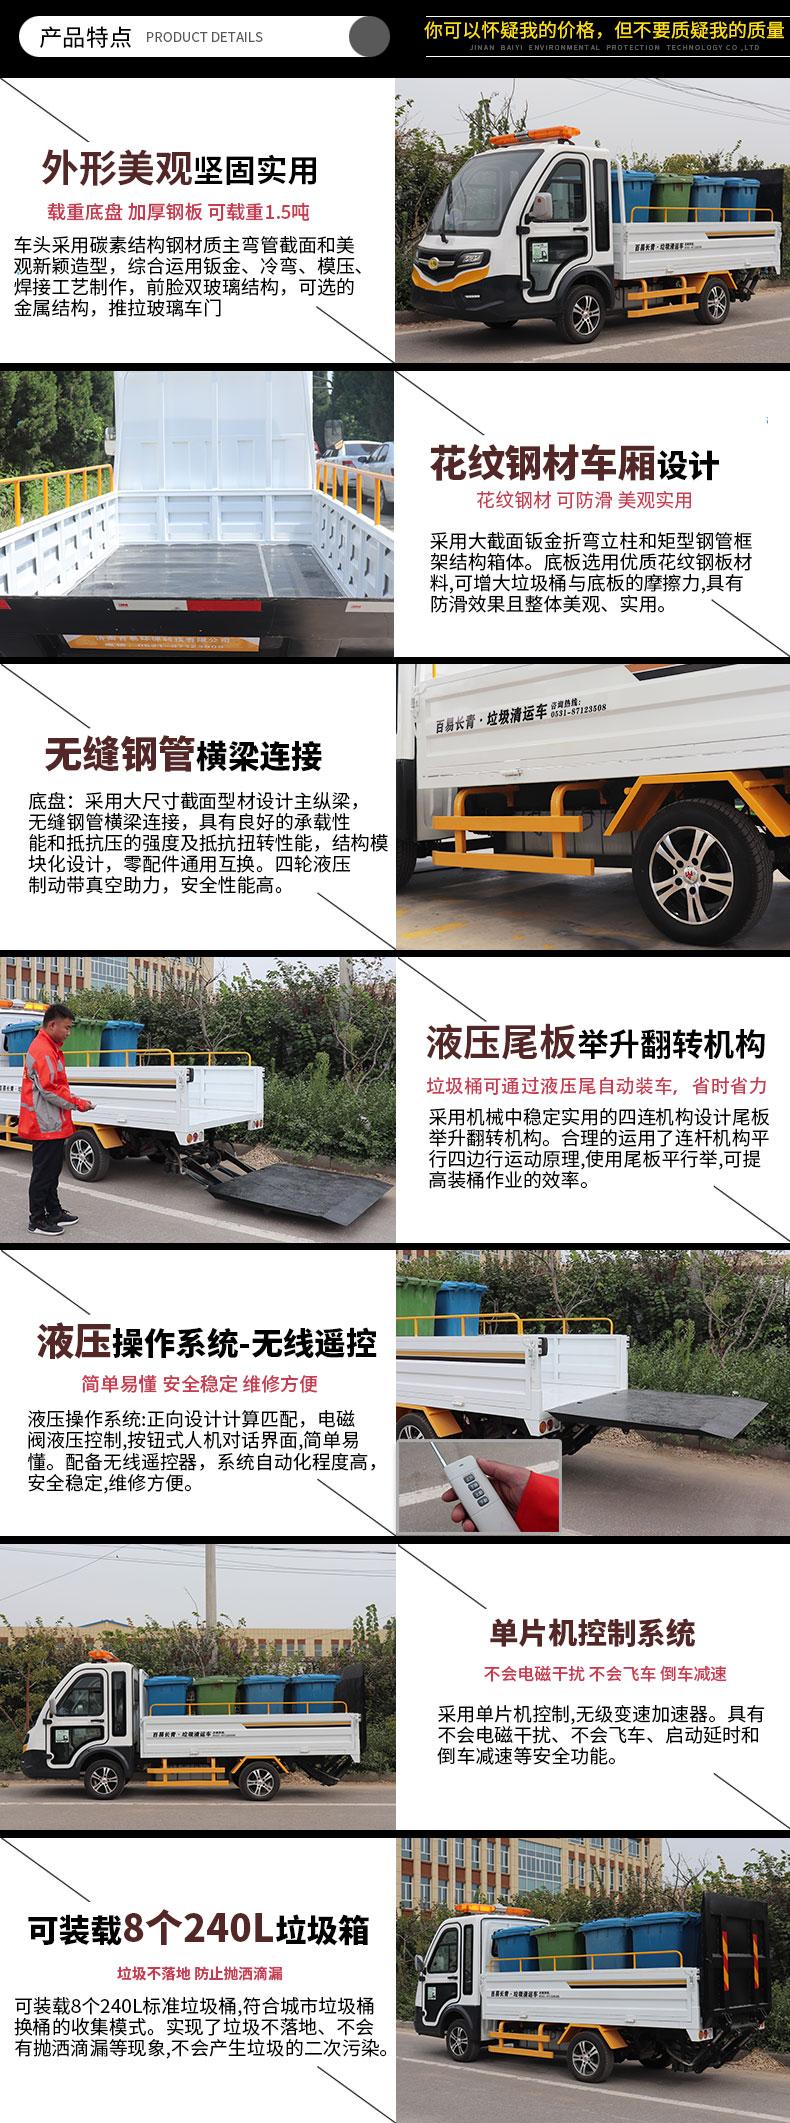 八桶式垃圾清运车产品特点及优势